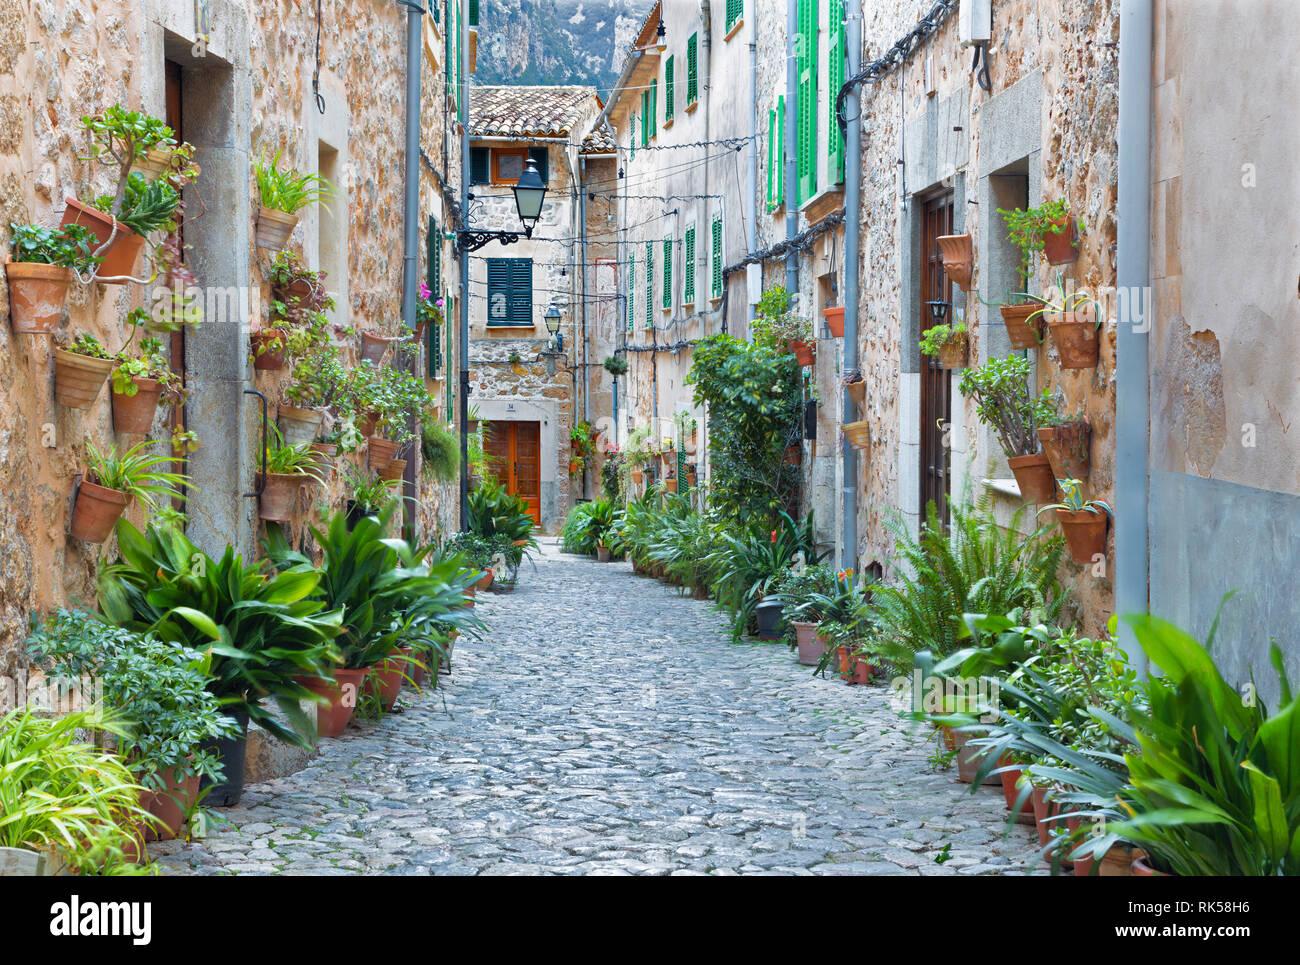 Mallorca - The old aisles of Valldemossa village. - Stock Image